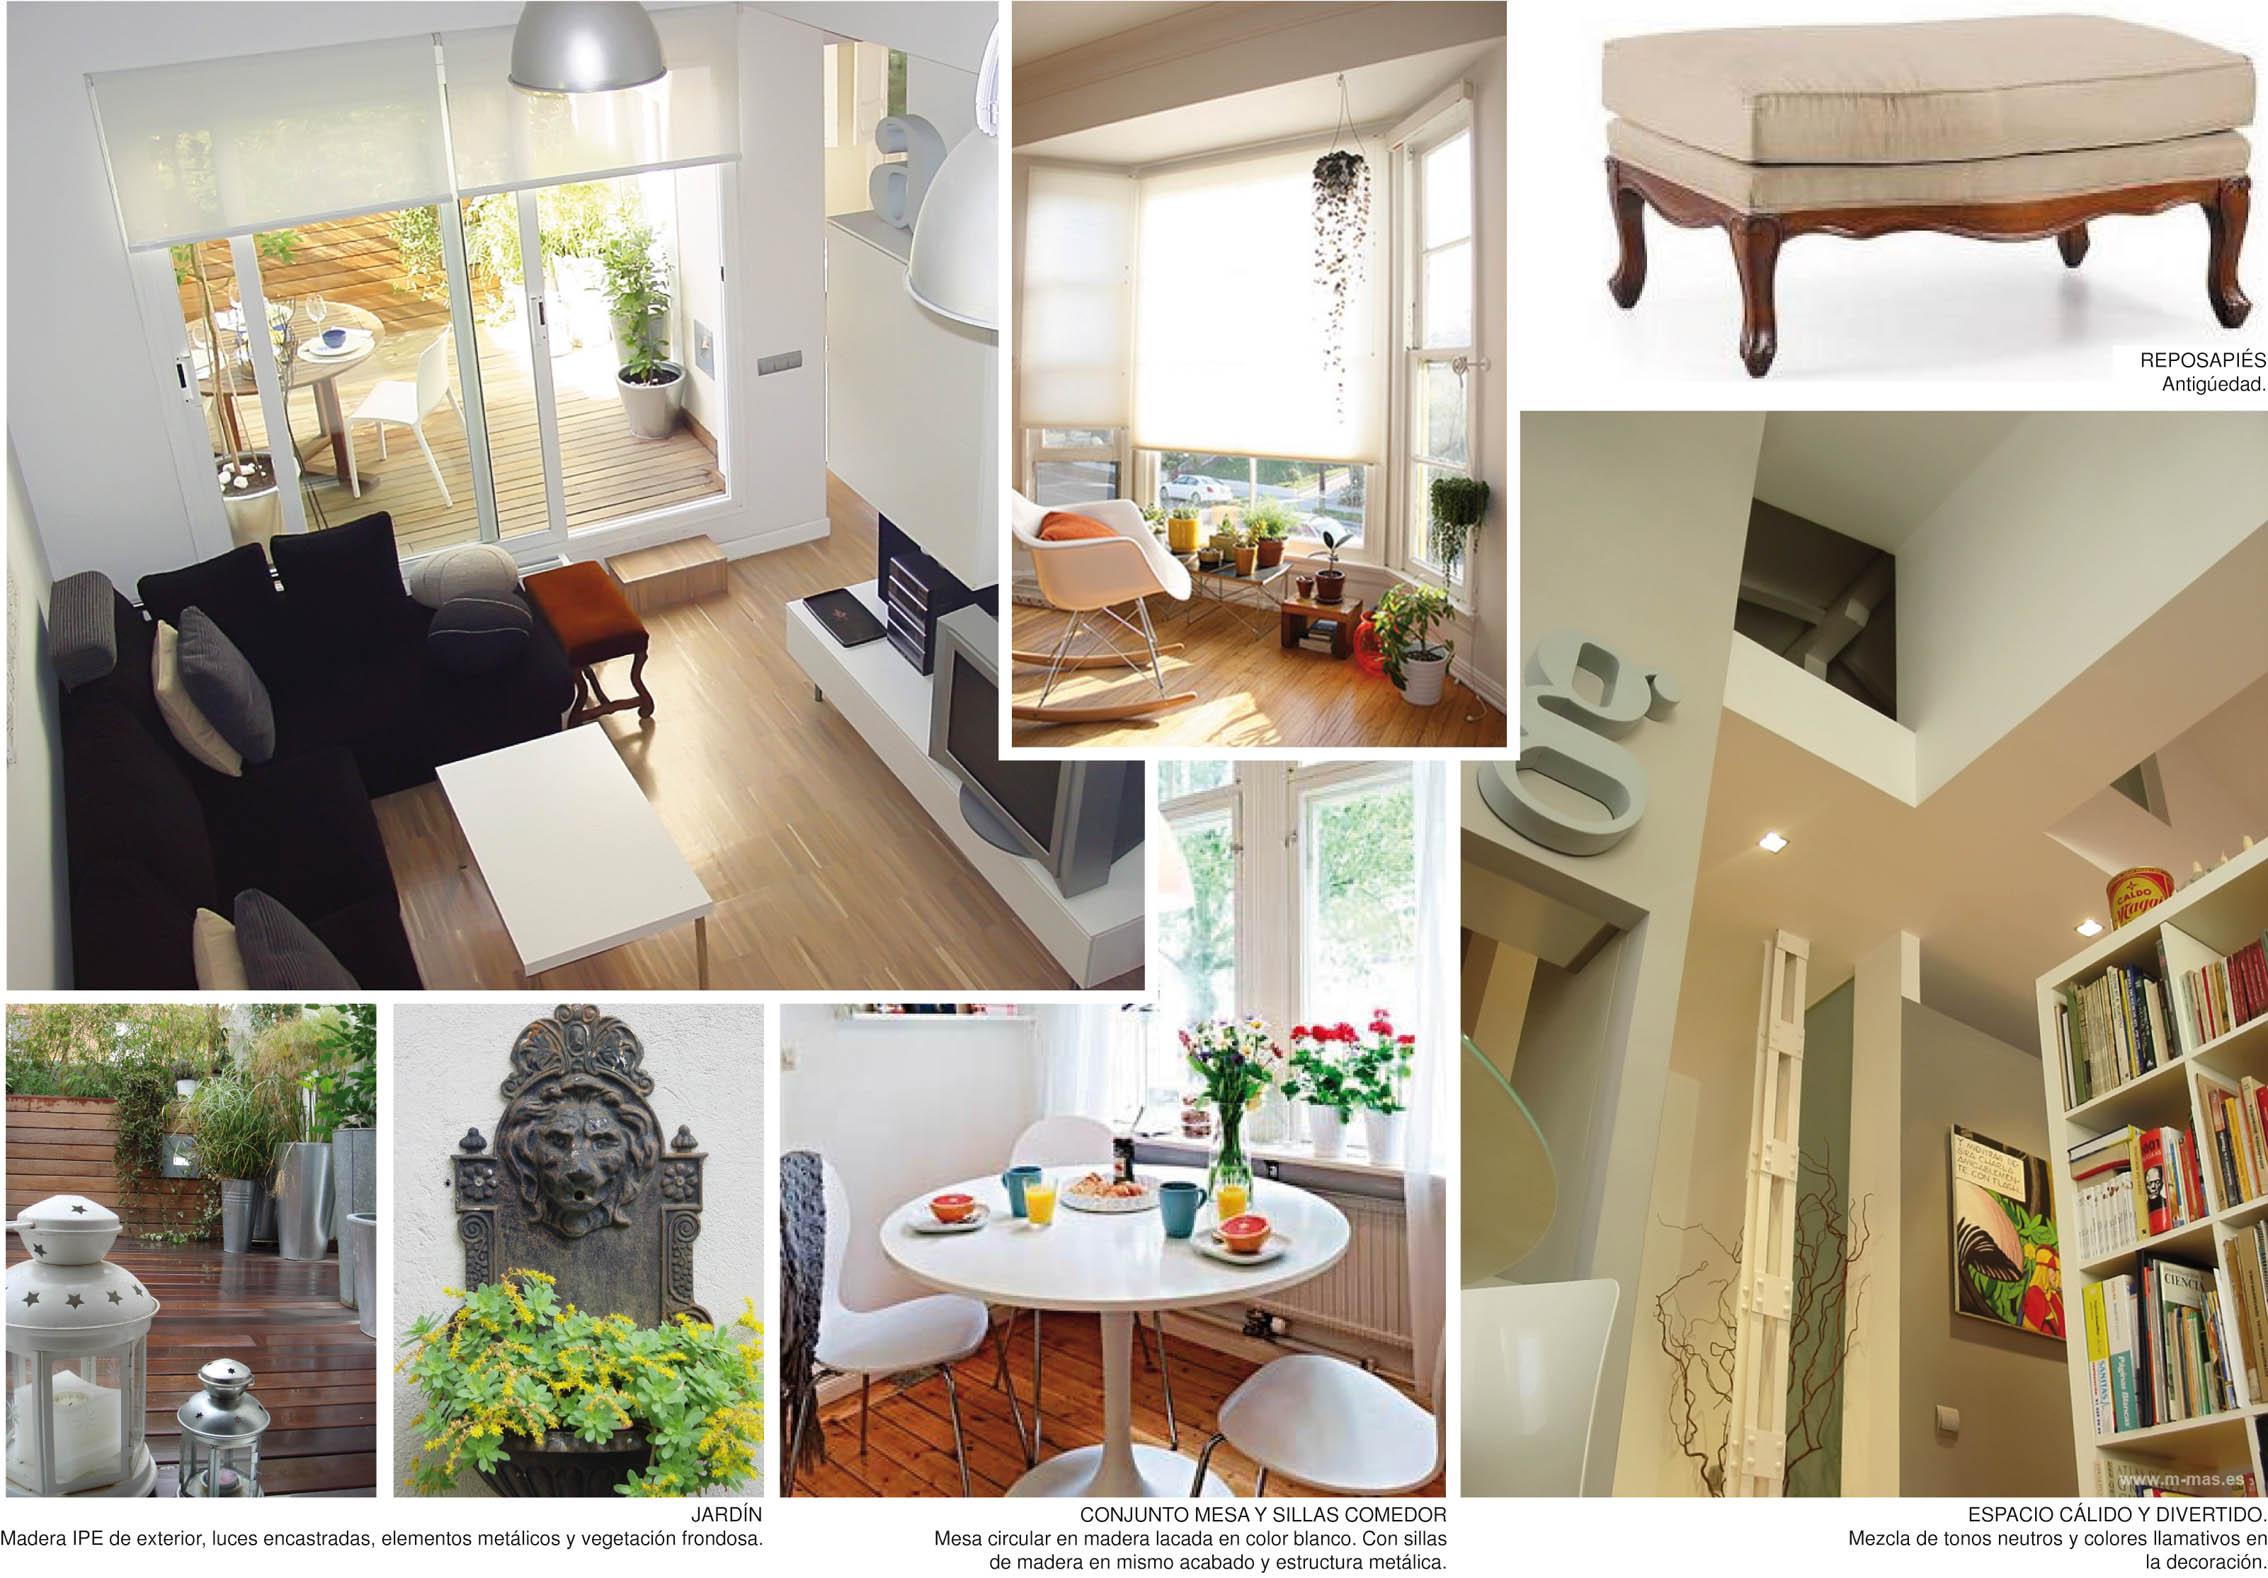 Pin interiorismo y decoracion papeles pintados on pinterest for Interiorismo y decoracion